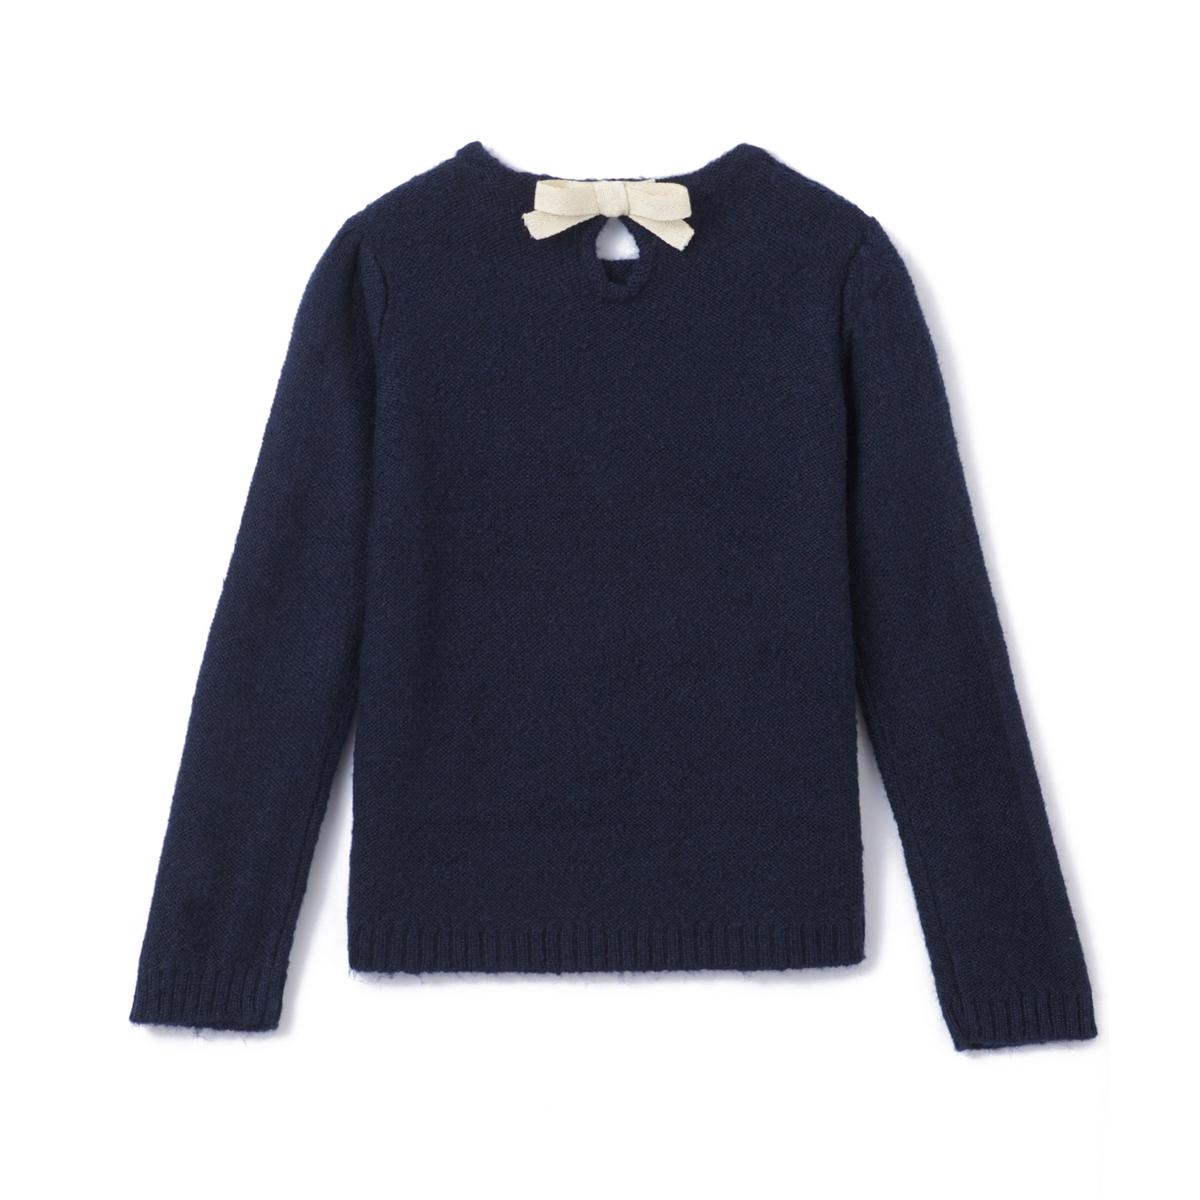 Пуловер с бантом сзади, 3-12 лет